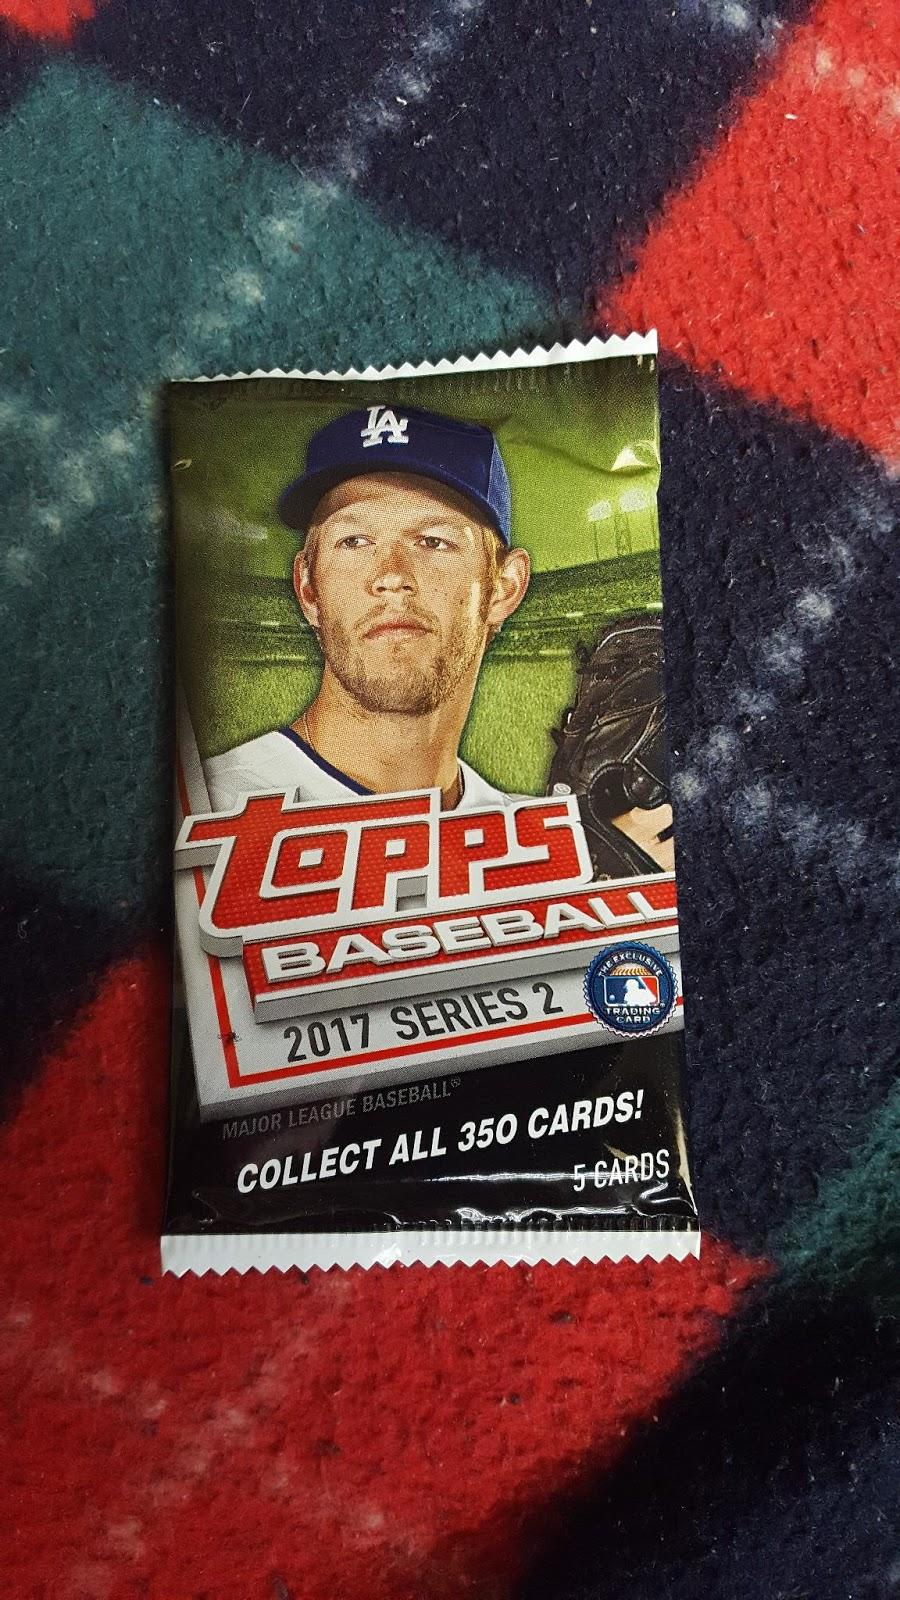 Bdj610s Topps Baseball Card Blog A Dollar Tree Pack Of 2017 Topps